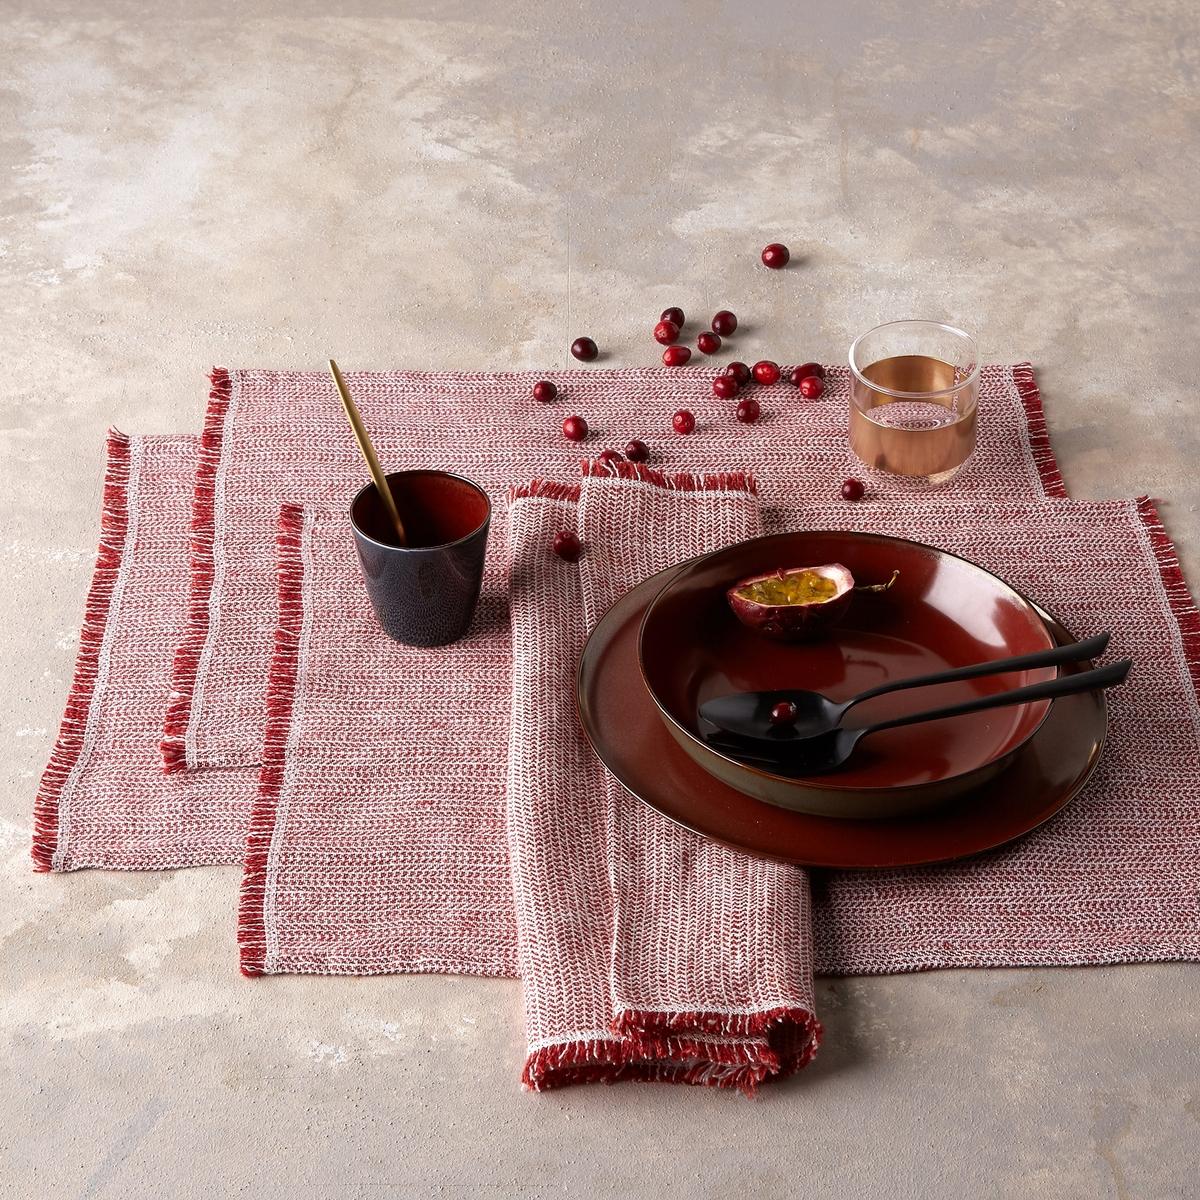 2 столовых полотенца из стиранного льна с зигзагами Ebinta2 столовых полотенца Ebinta . Оригинальная окрашенная ткань с зигзагообразным рисунком, густая и очень мягкая Материал : - 100% ленОтделка :- Бахрома по бокам .Размеры : - 36 x 45 см Уход : - Стирка при 40°<br><br>Цвет: красный